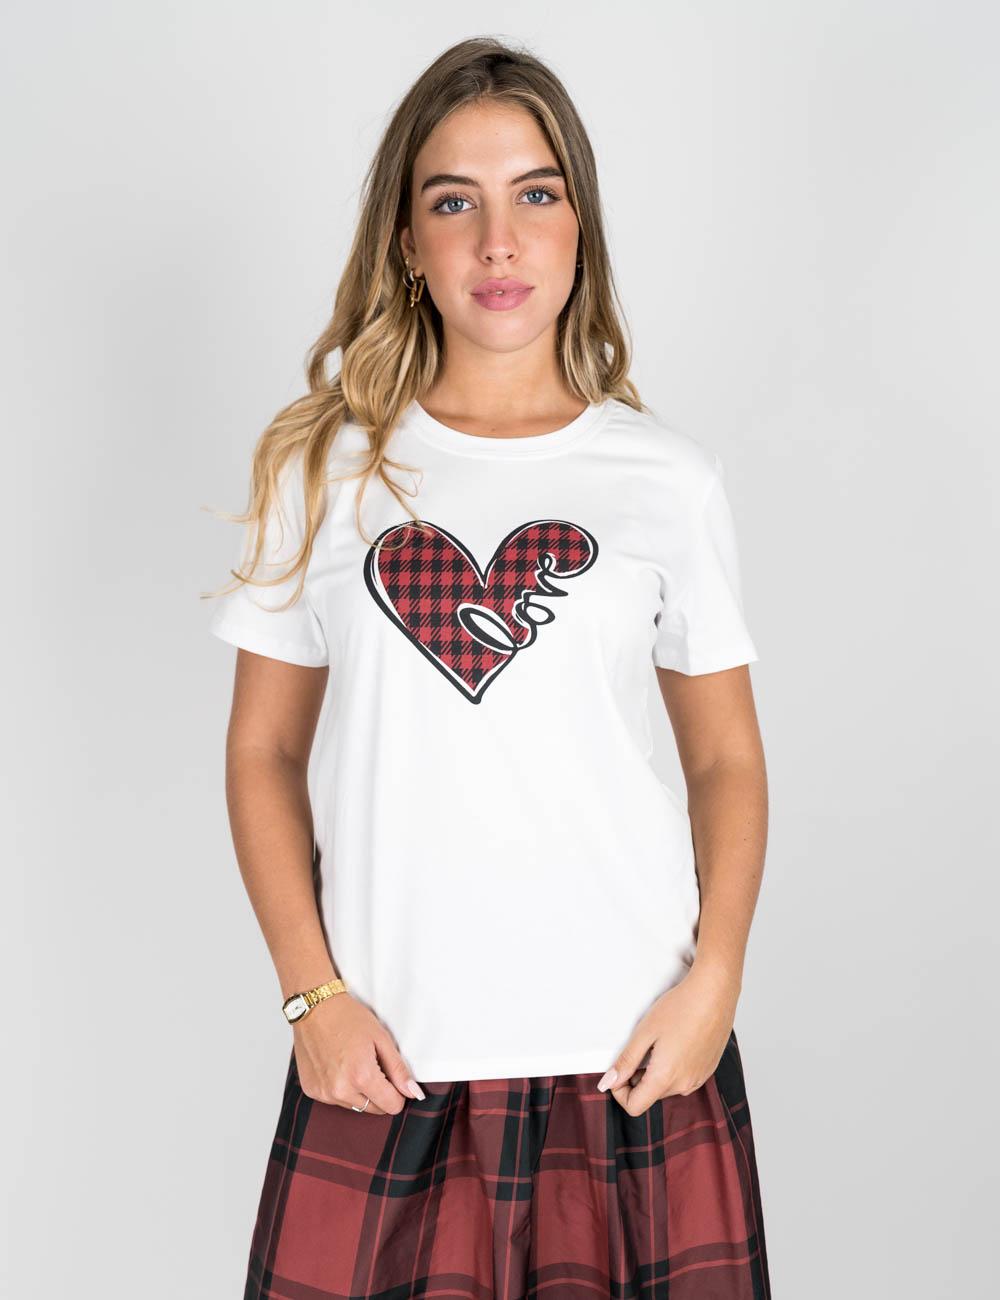 Pennyblack - T-shirt love in cotone elasticizzato bianco